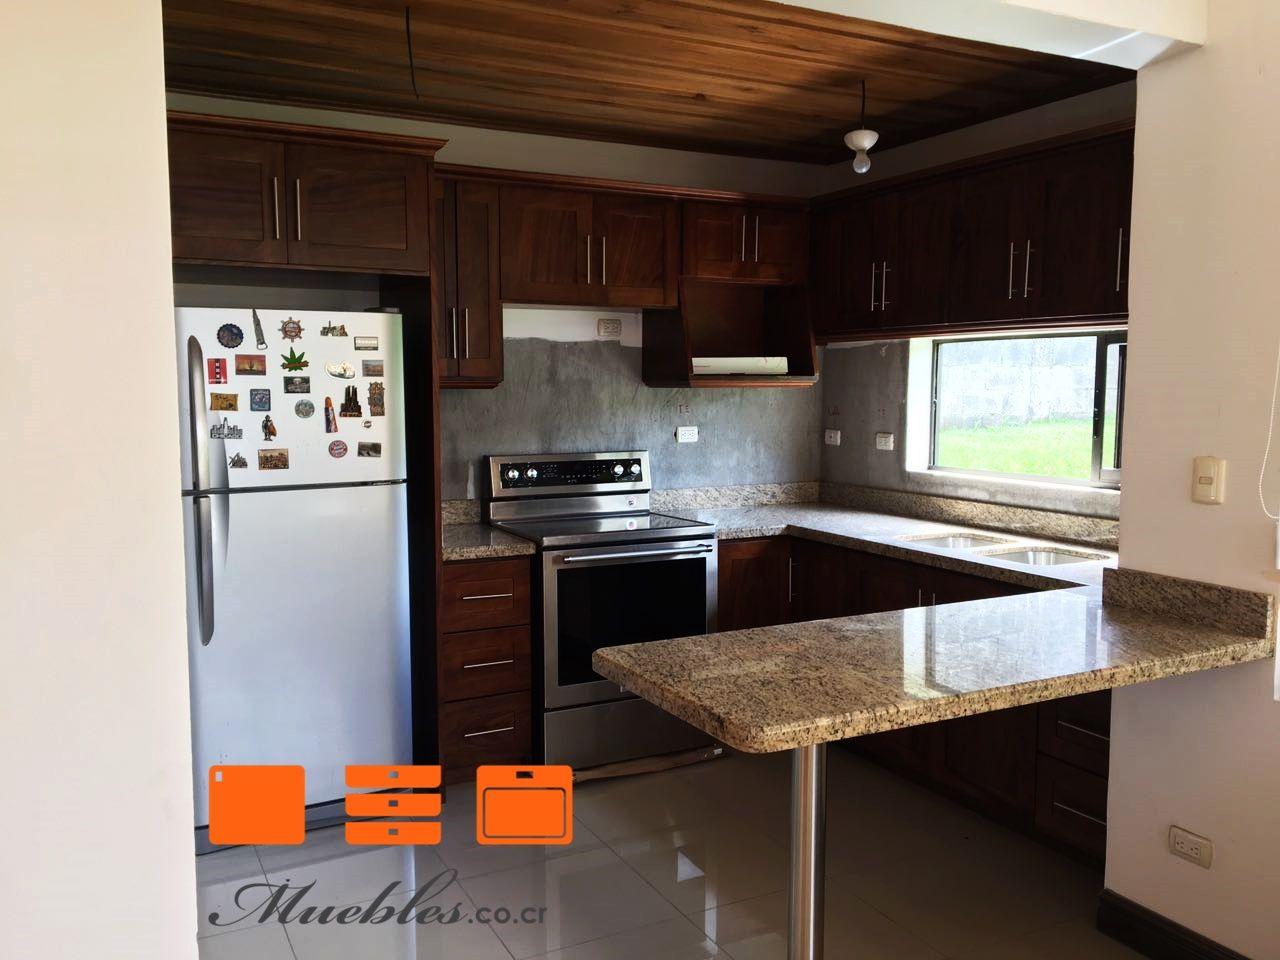 Mueble de cocina completo y personalizado, desayunador con granito ...